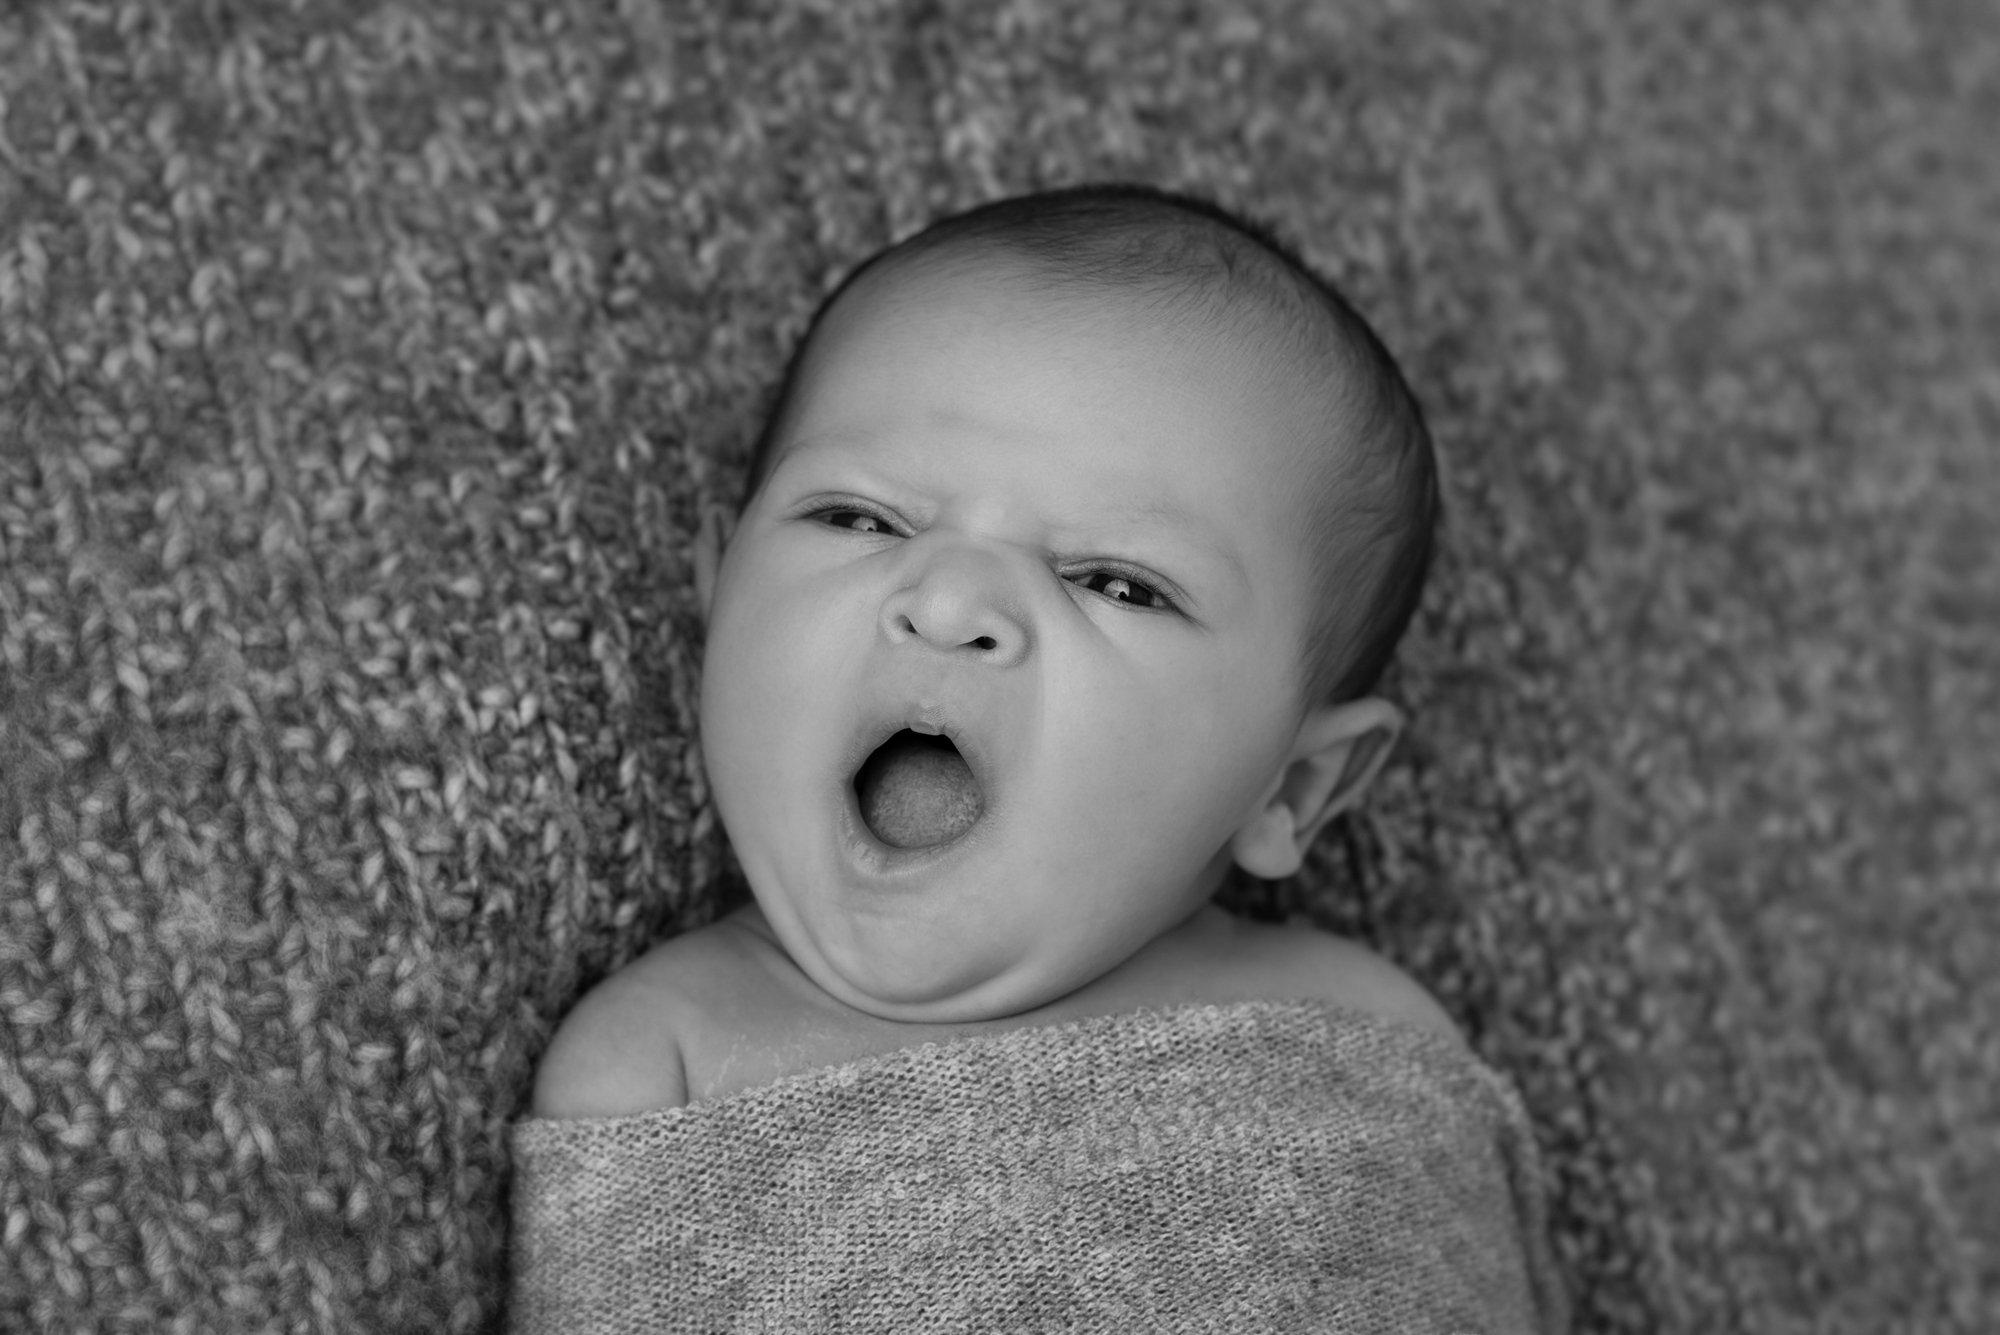 Newborn Photo Shoot Claygate Surrey